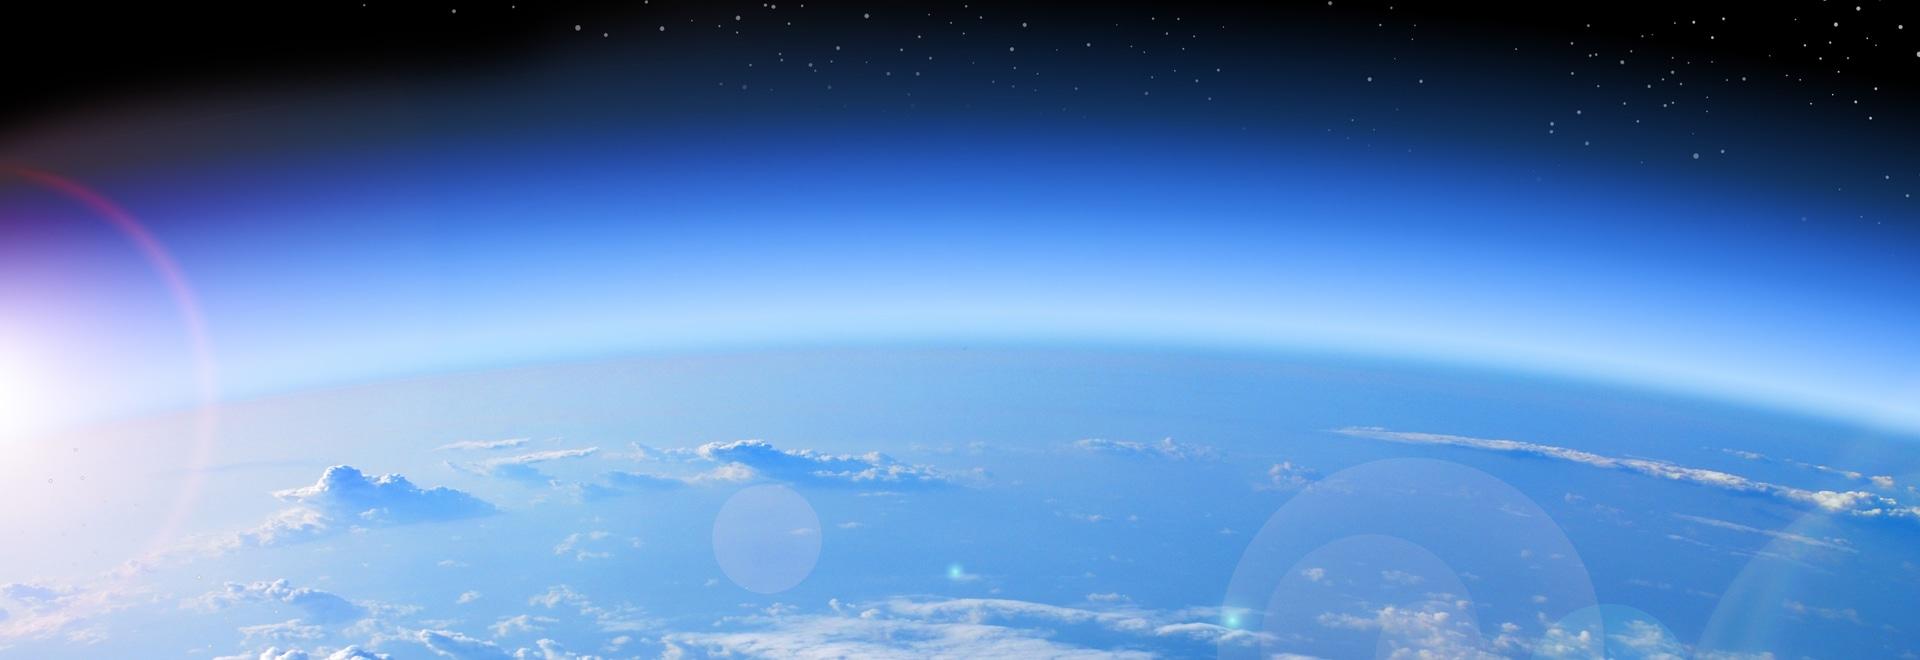 Pumpen für starken Ozon